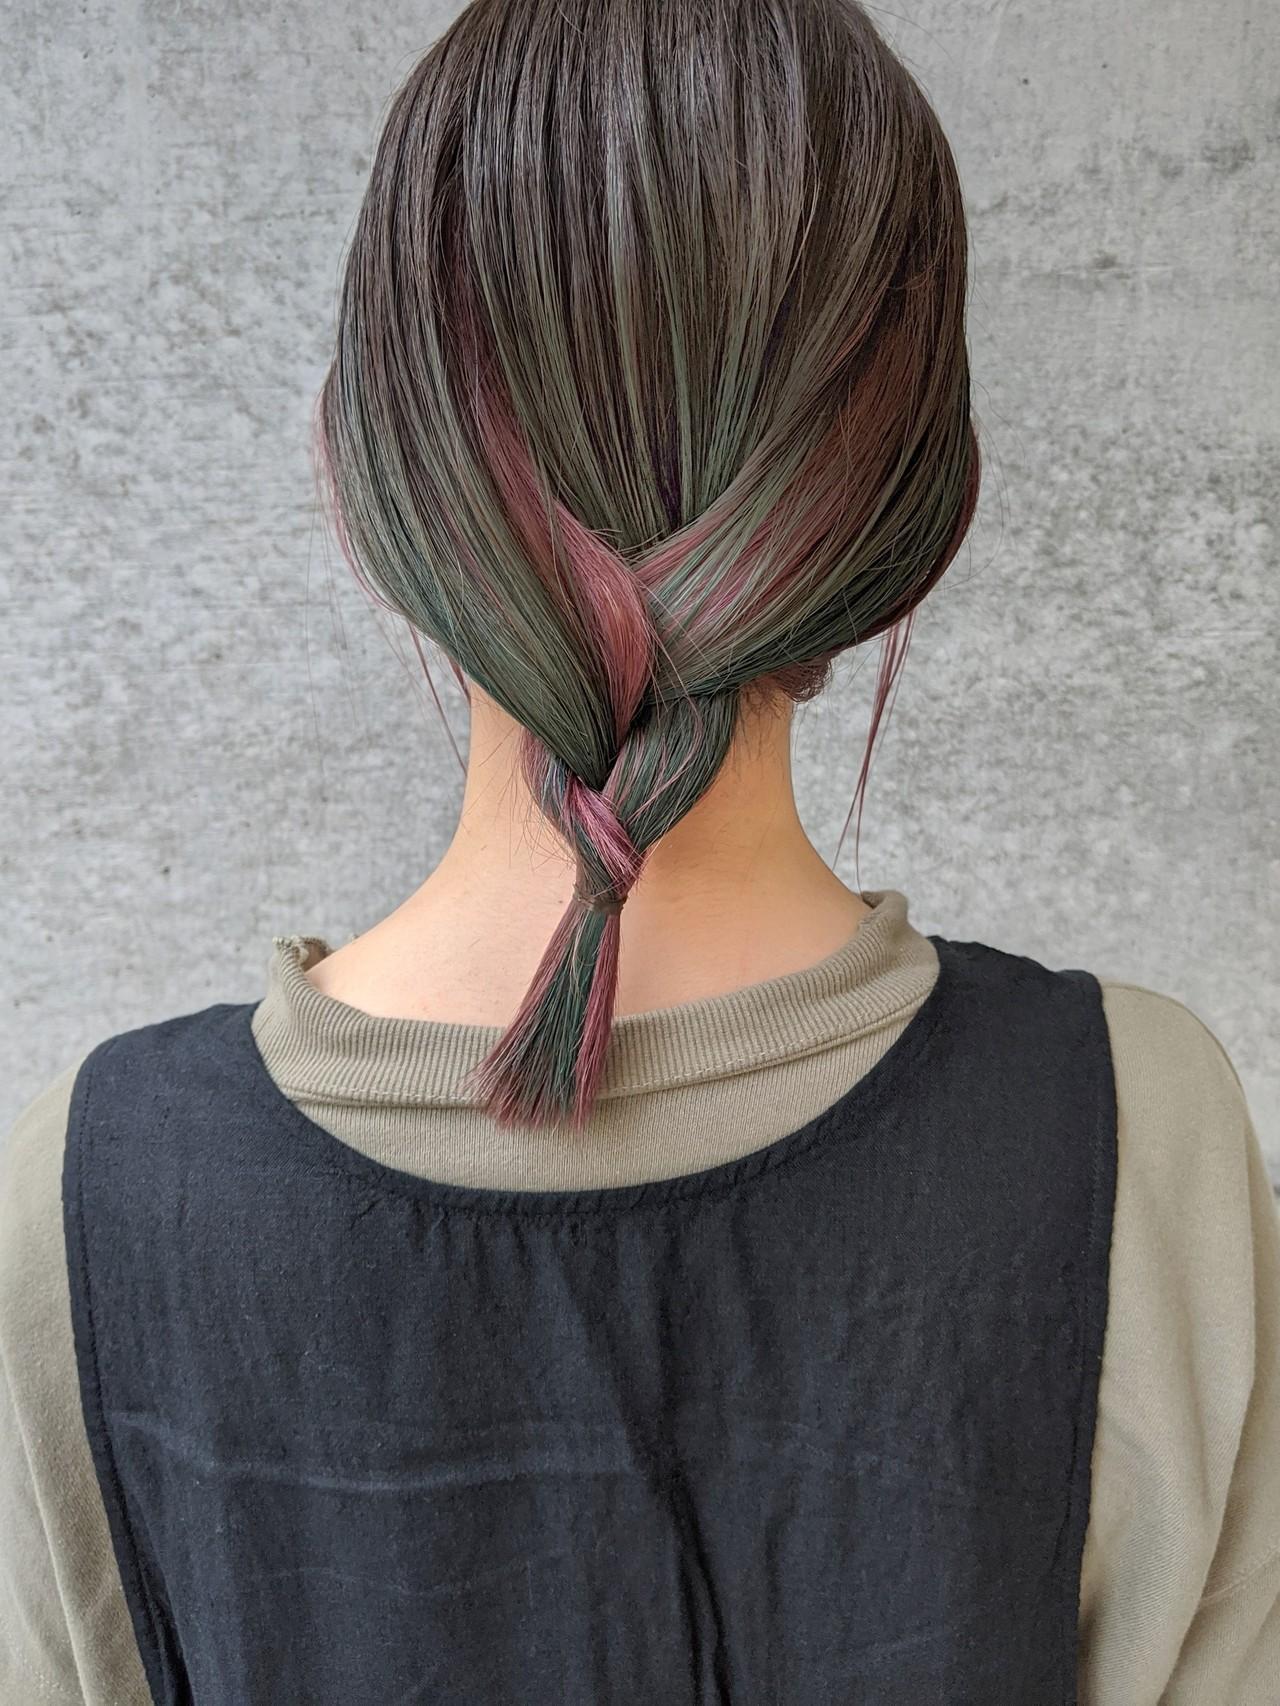 グラデーションカラー ターコイズブルー ワイドバング ナチュラルヘアスタイルや髪型の写真・画像